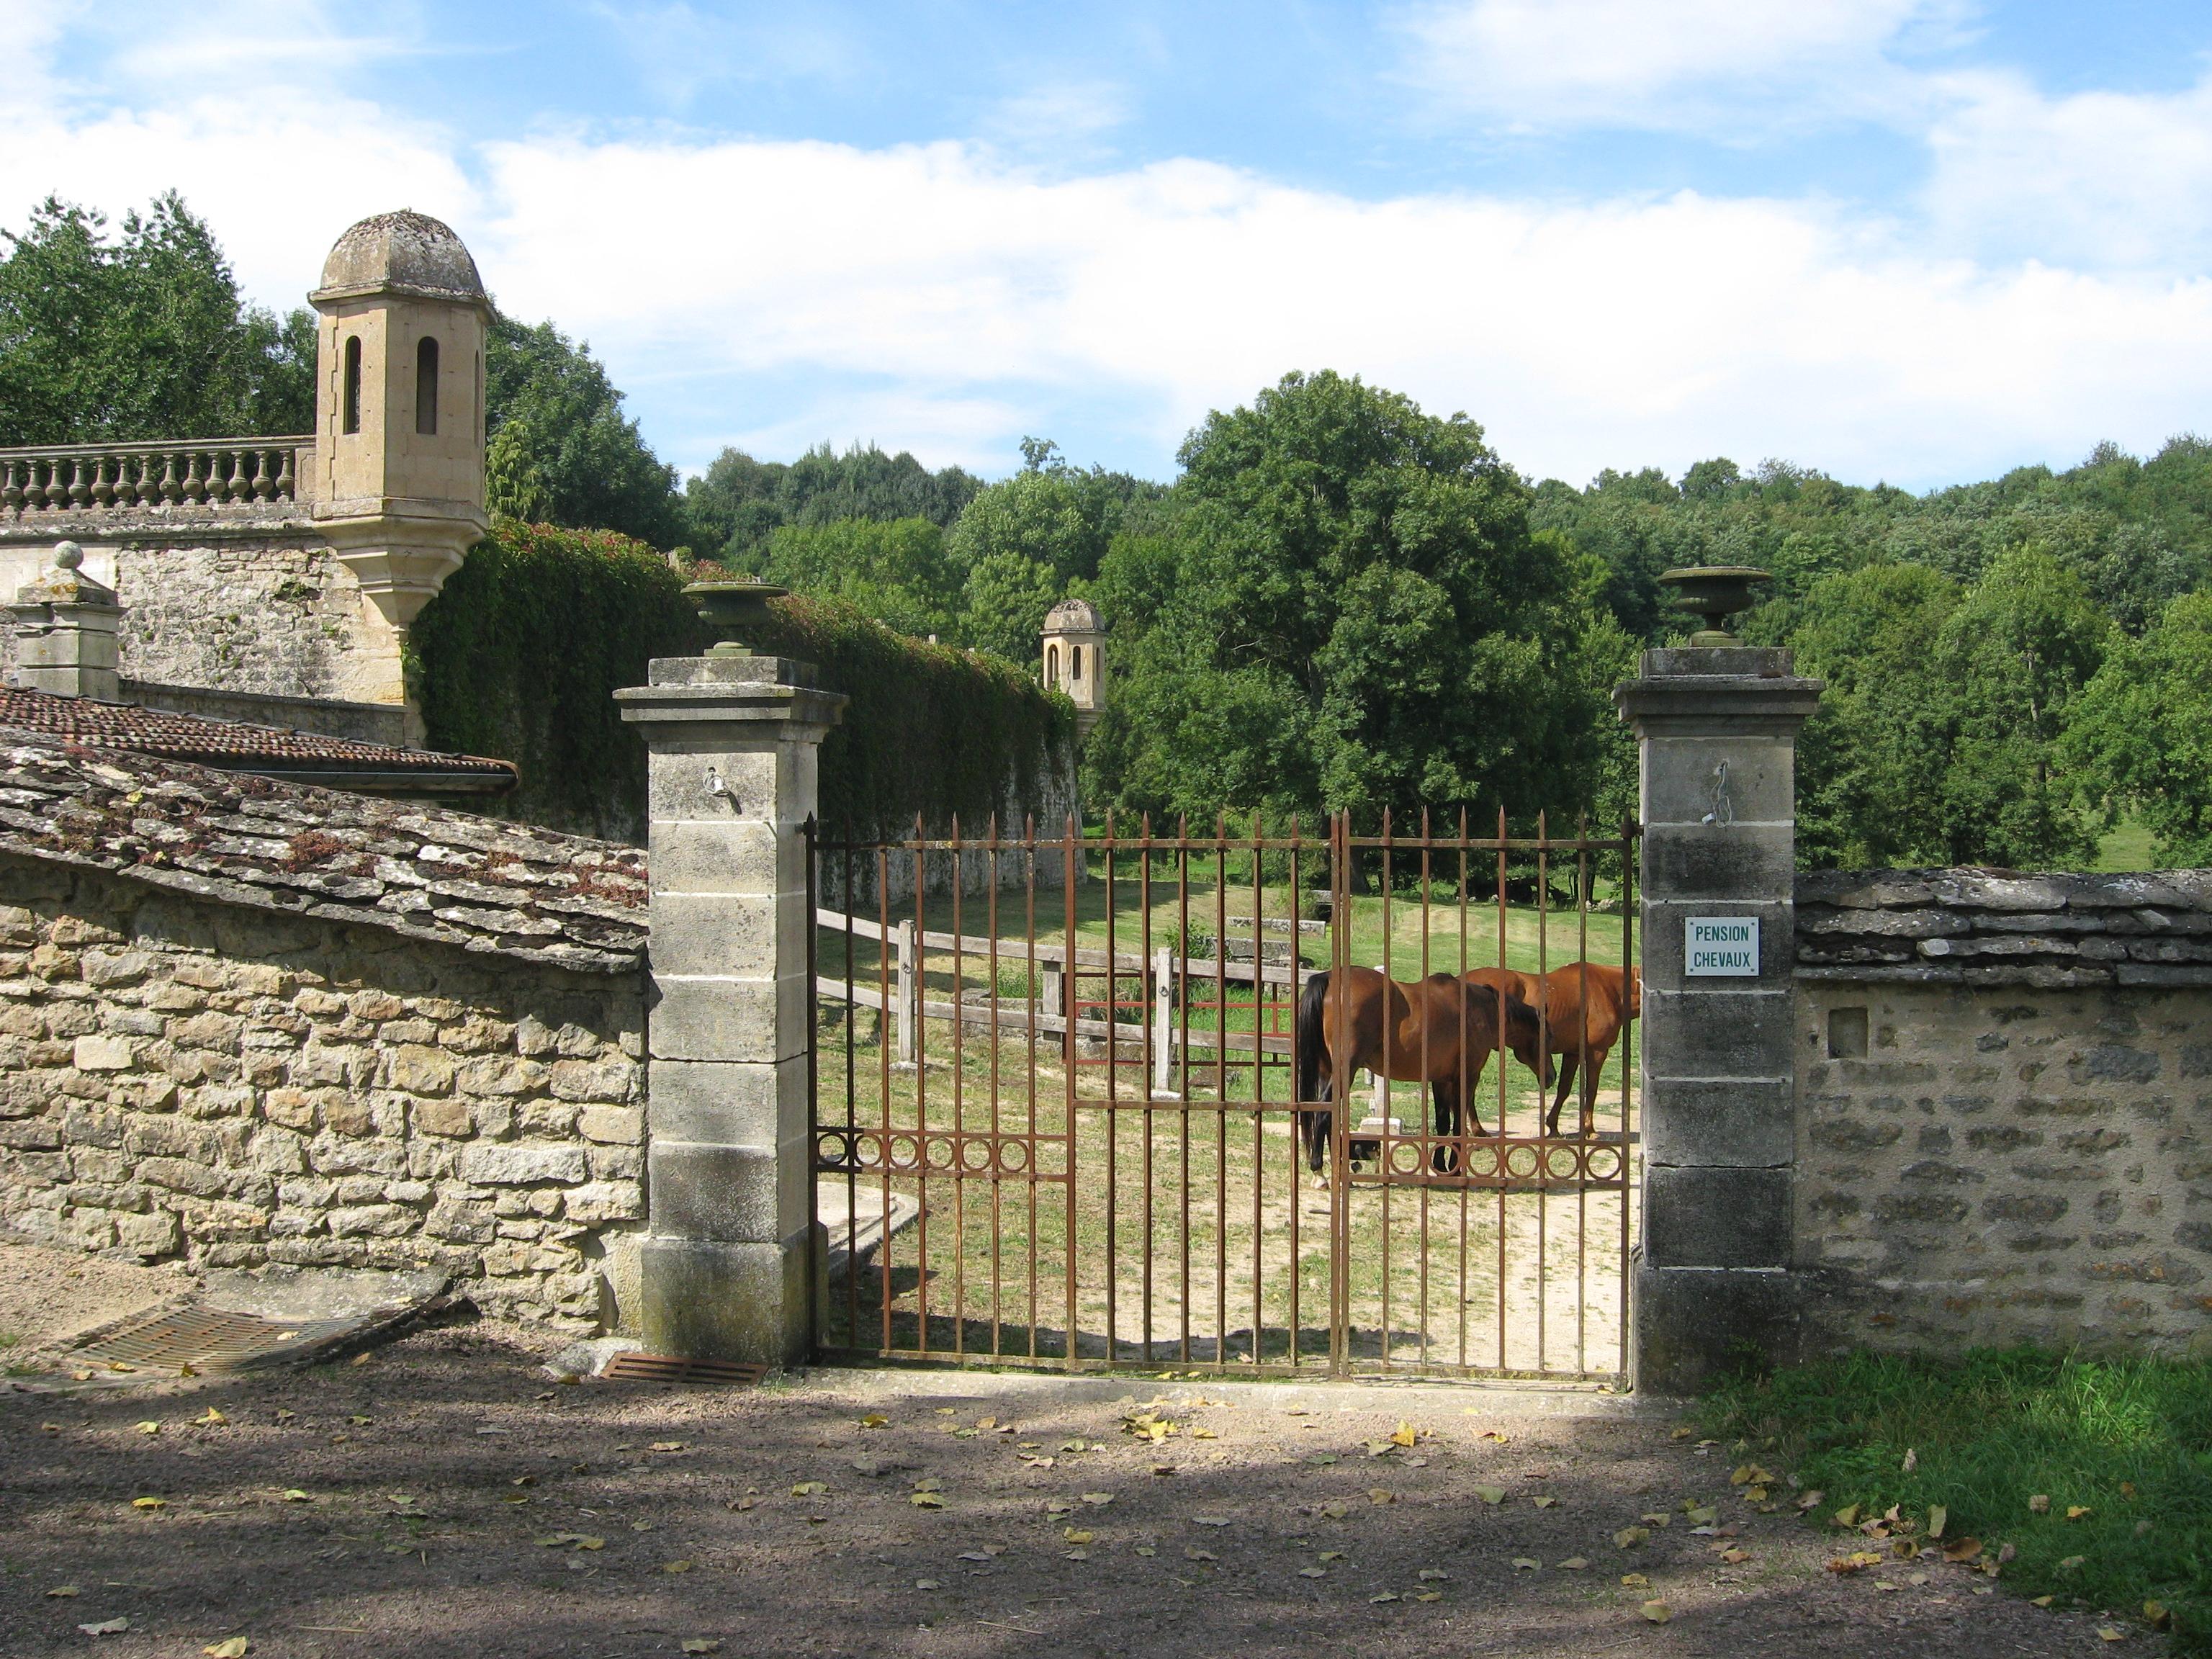 Paddock chevaux, Château de Flée